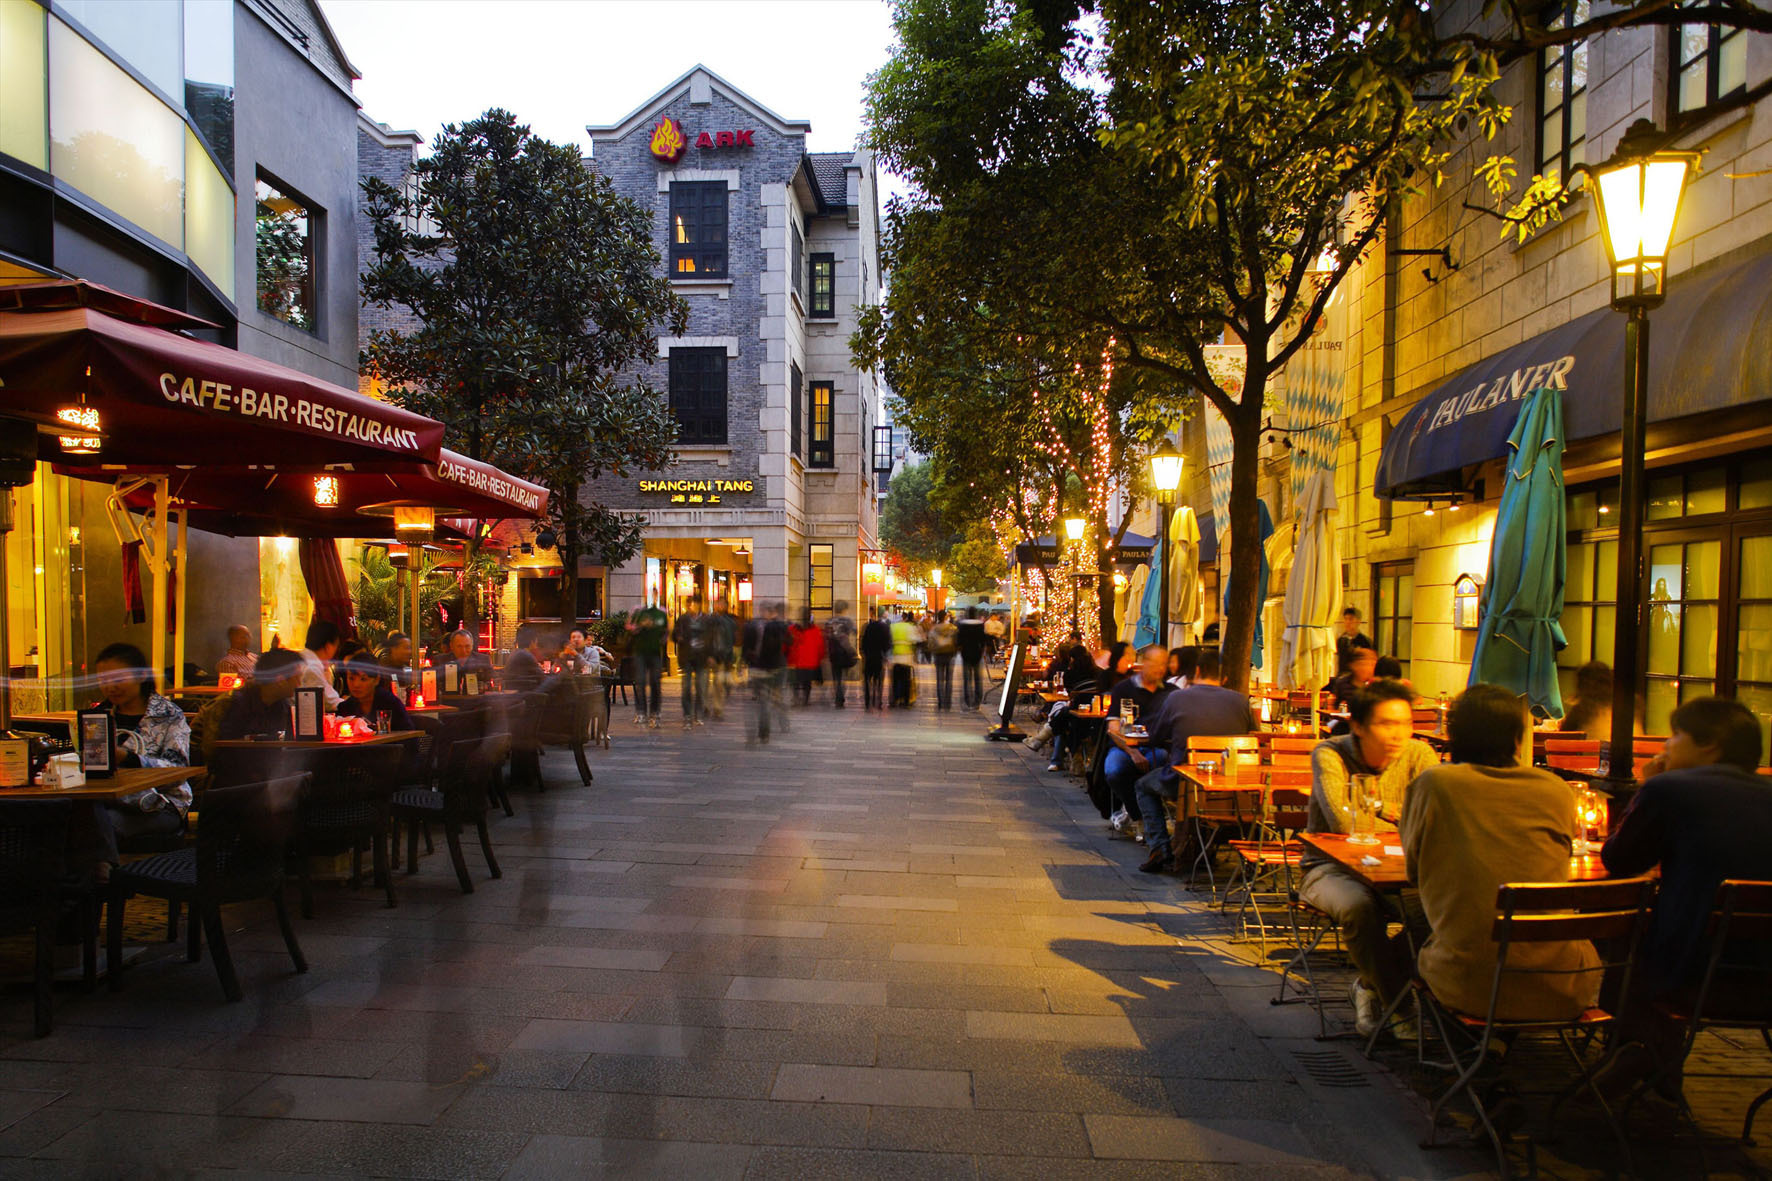 中国小镇街道风景